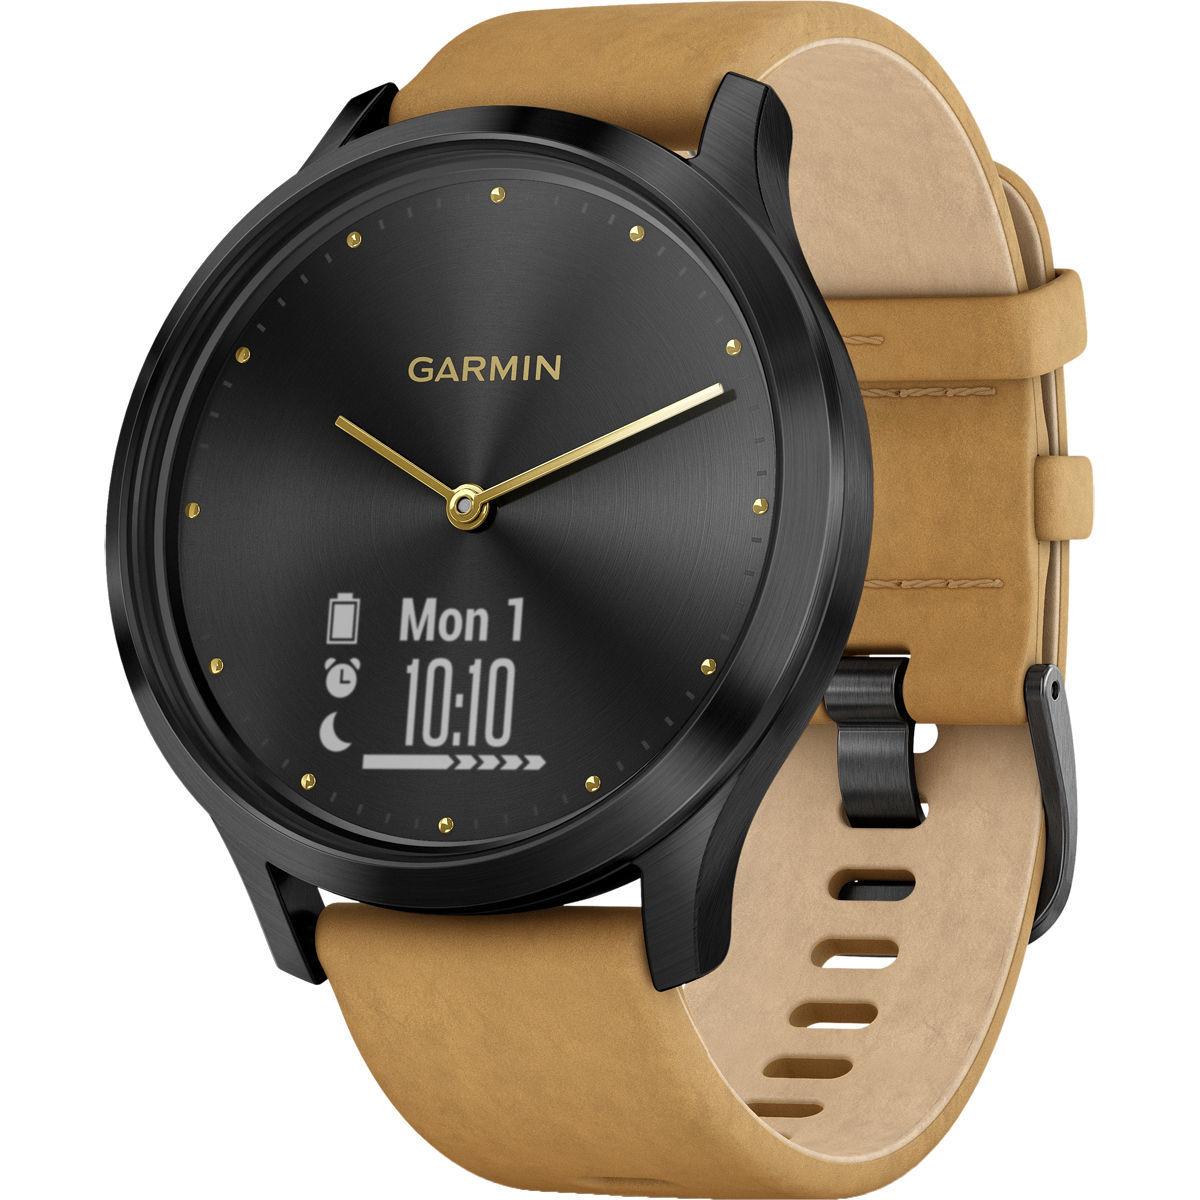 Garmin Vivomove HR Premium Onyx zwart met band van geelbruin su�de